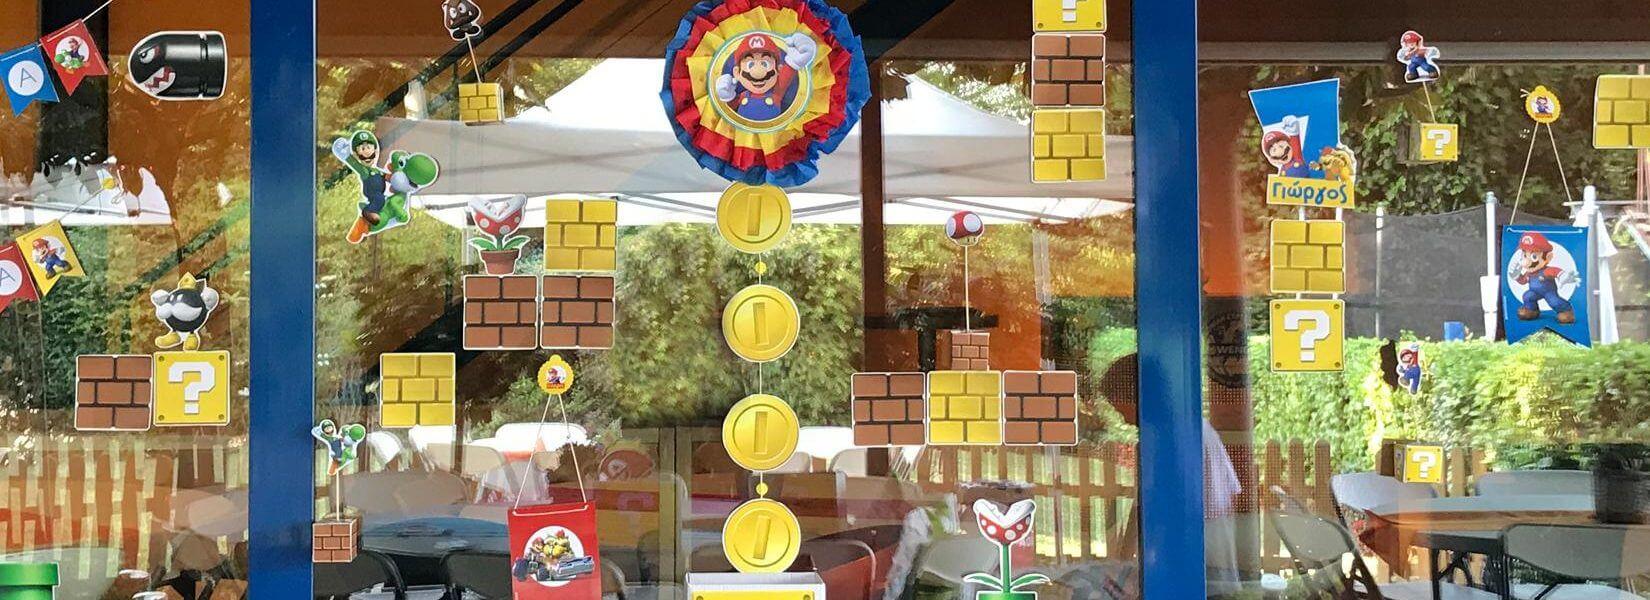 Το  Super Mario Party  για τα γενέθλια του γιου μου ήταν τέλειο! Τα μυστικά για να πετύχει και το δικό σας!